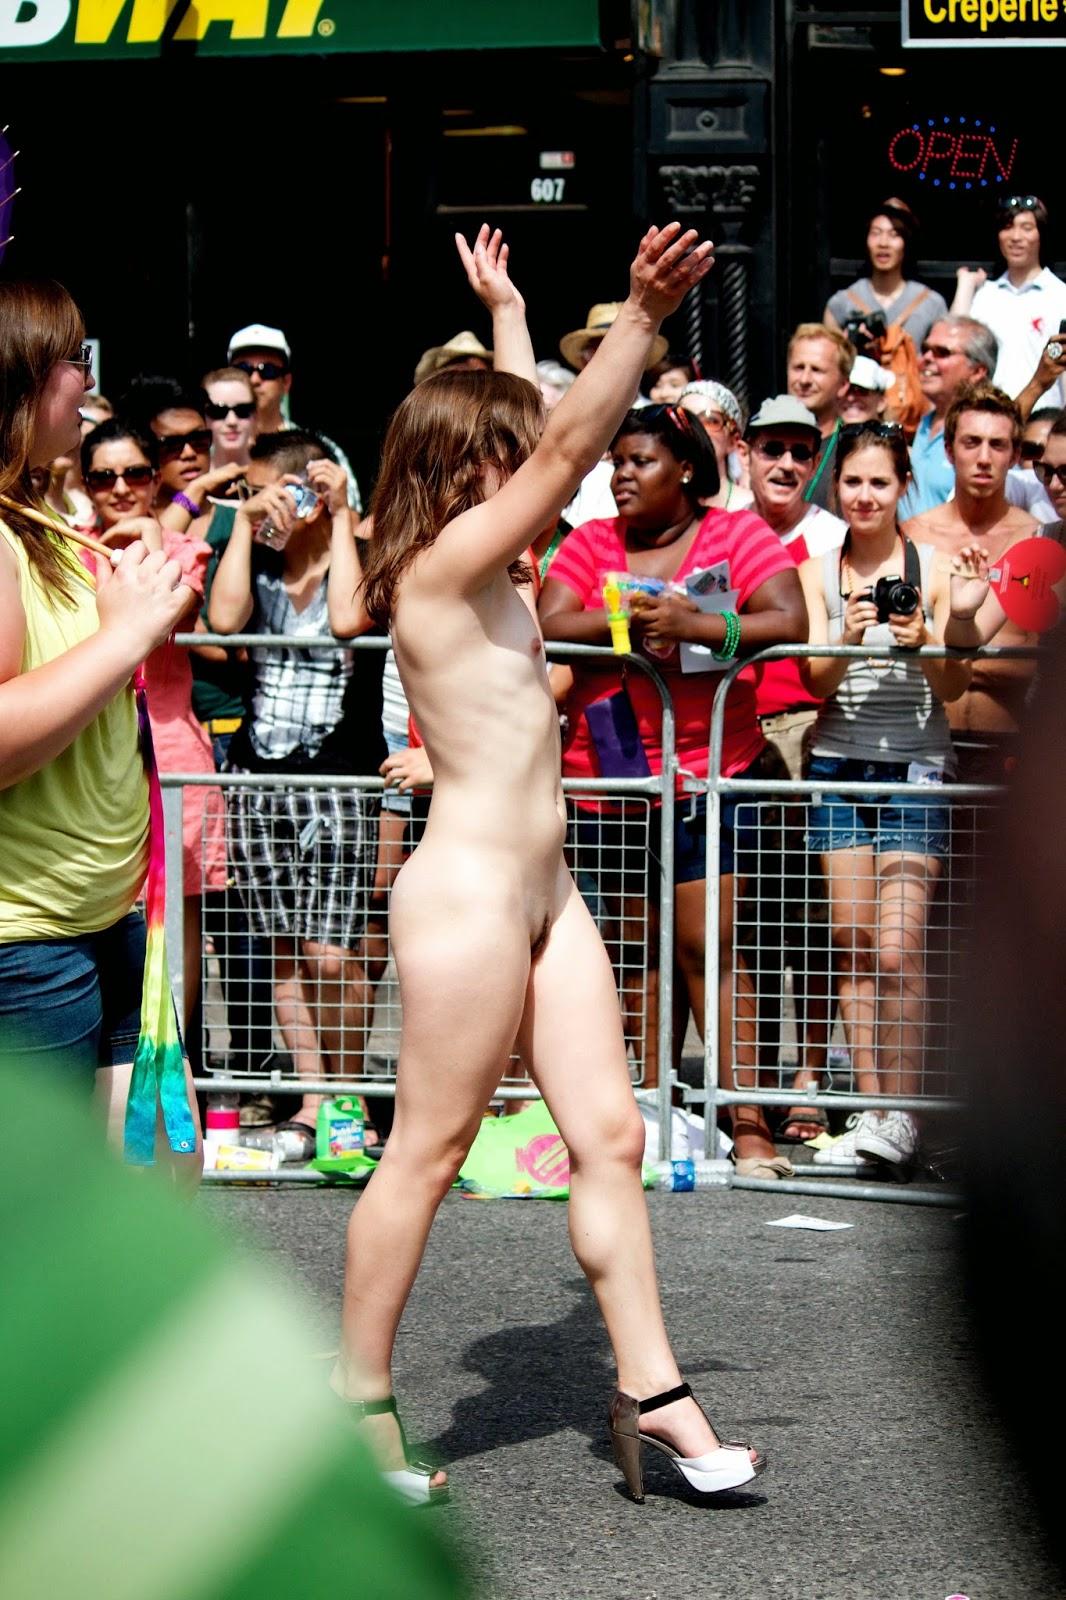 Will know, junior nudist parade